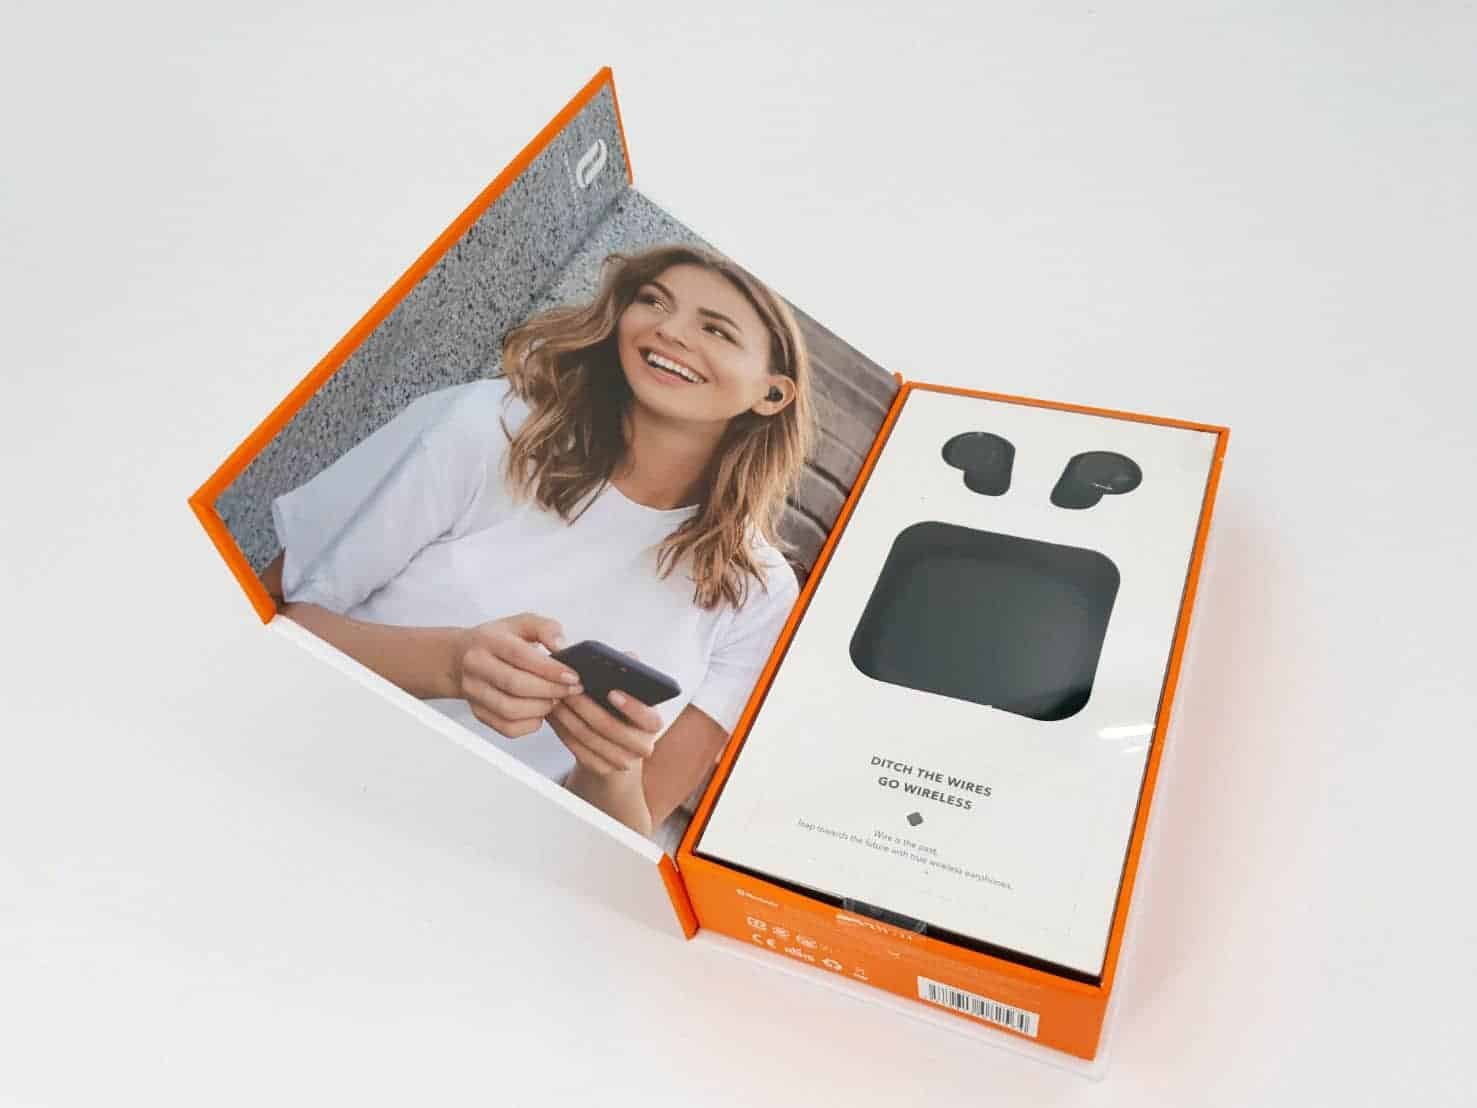 超平價!首創IEM入耳設計及質感皮革外觀 - TaoTronics Duo Free真無線耳機推薦-TechTeller (科技說)